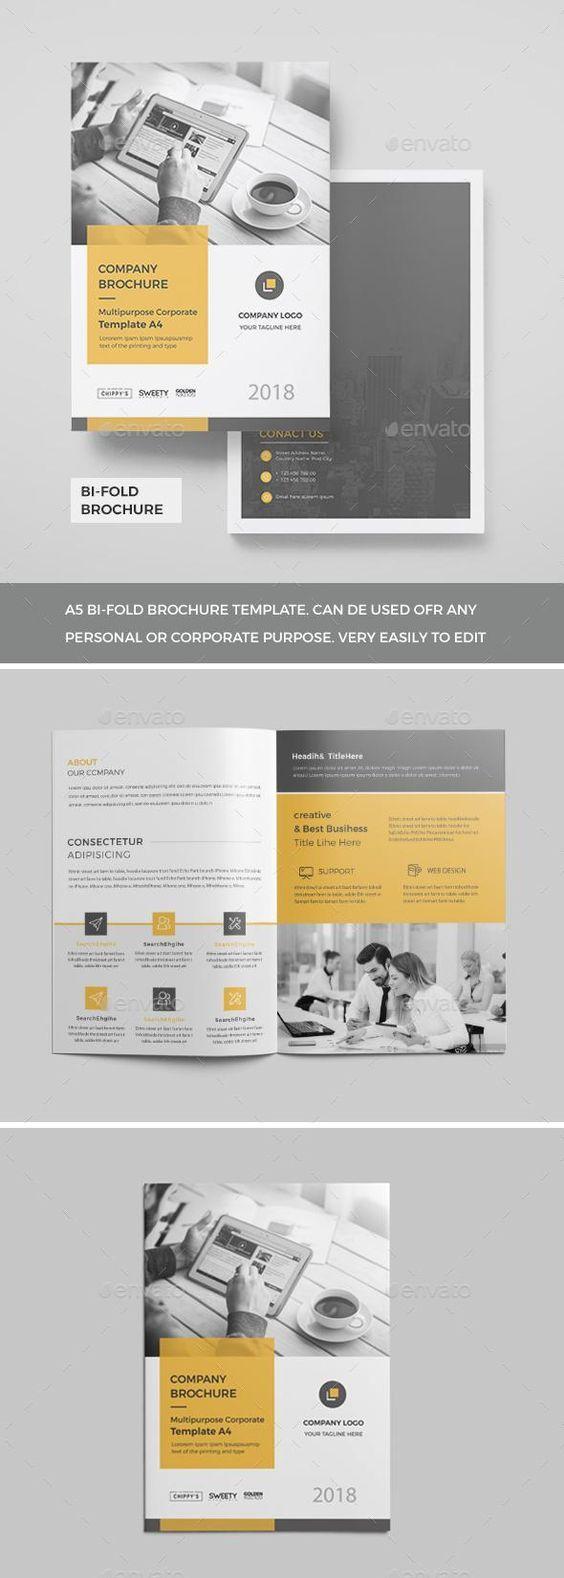 Corporate Bi Fold Brochure 2018 Brochure Template Design Ideas Bi Fold Brochure Brochure Template Graphic Design Brochure